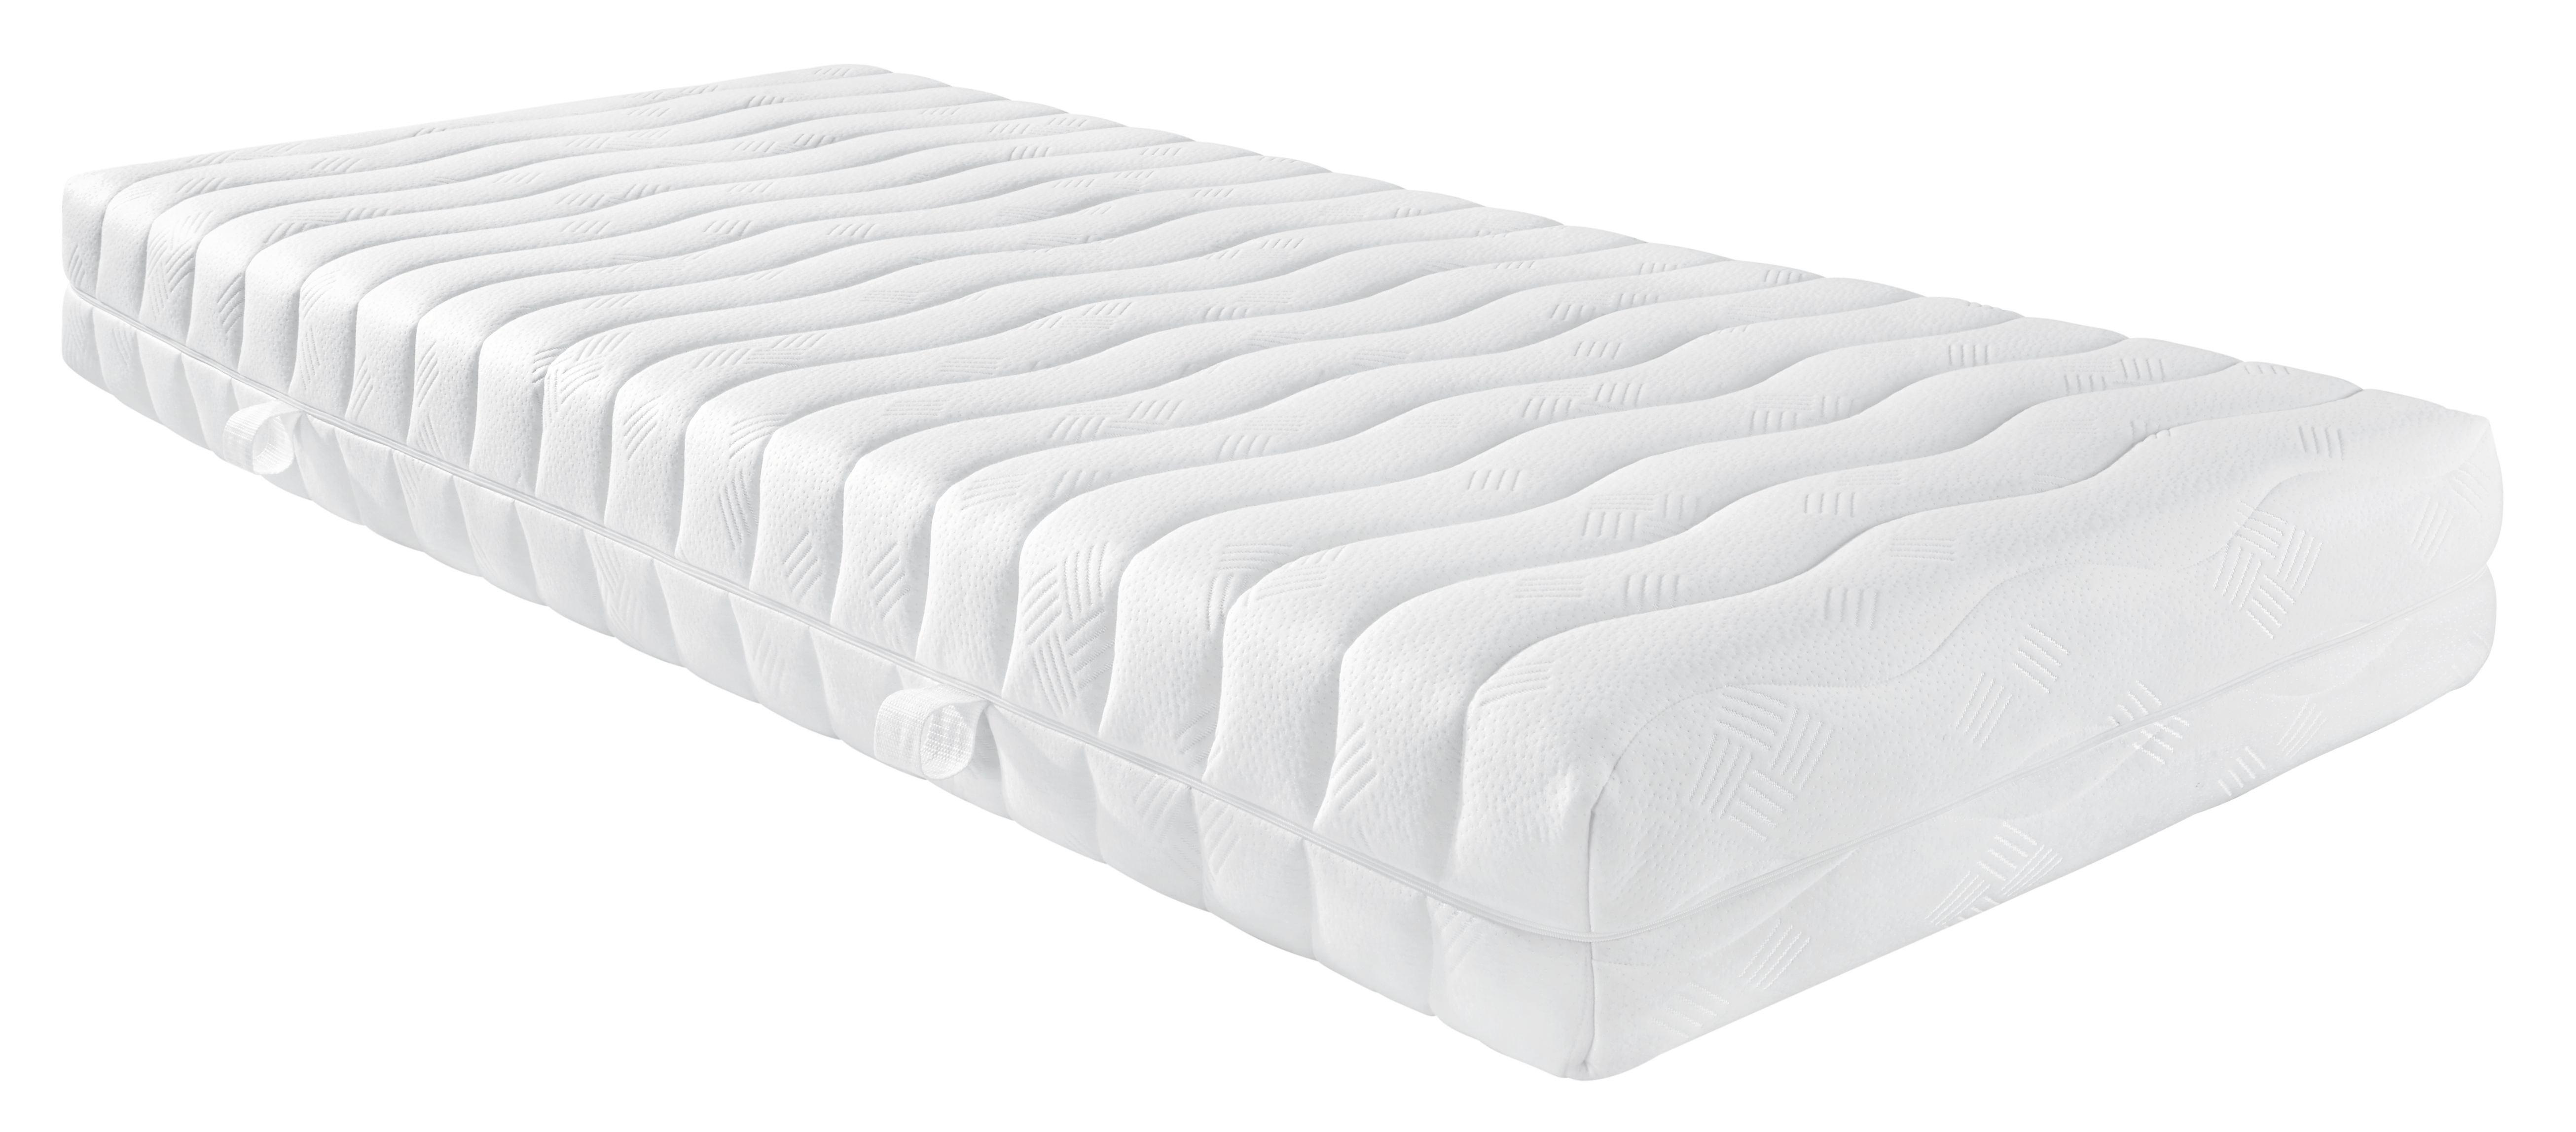 Komfortschaummatratze Komfortschaumkern ca.160x200cm - Weiß, Textil (200/160/22cm) - NADANA